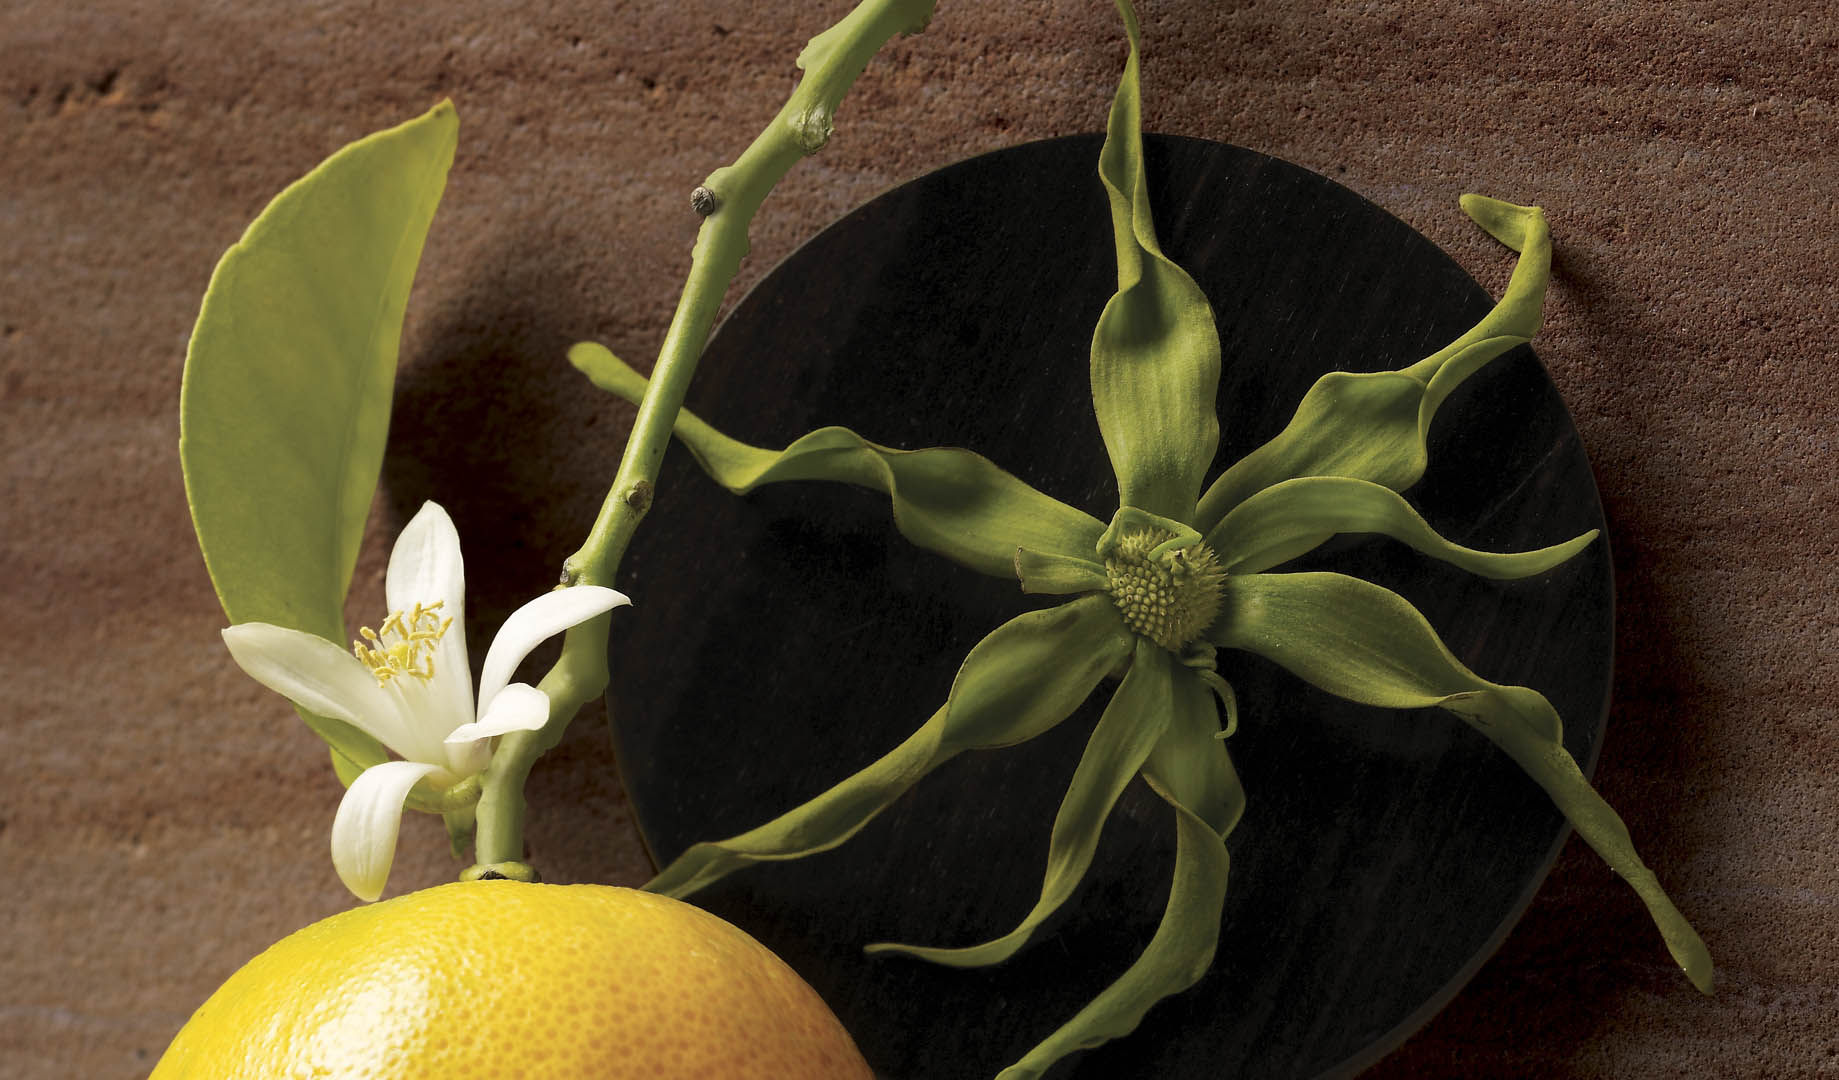 DR10_02_crop_r2_Bildrechte bis 150415.jp